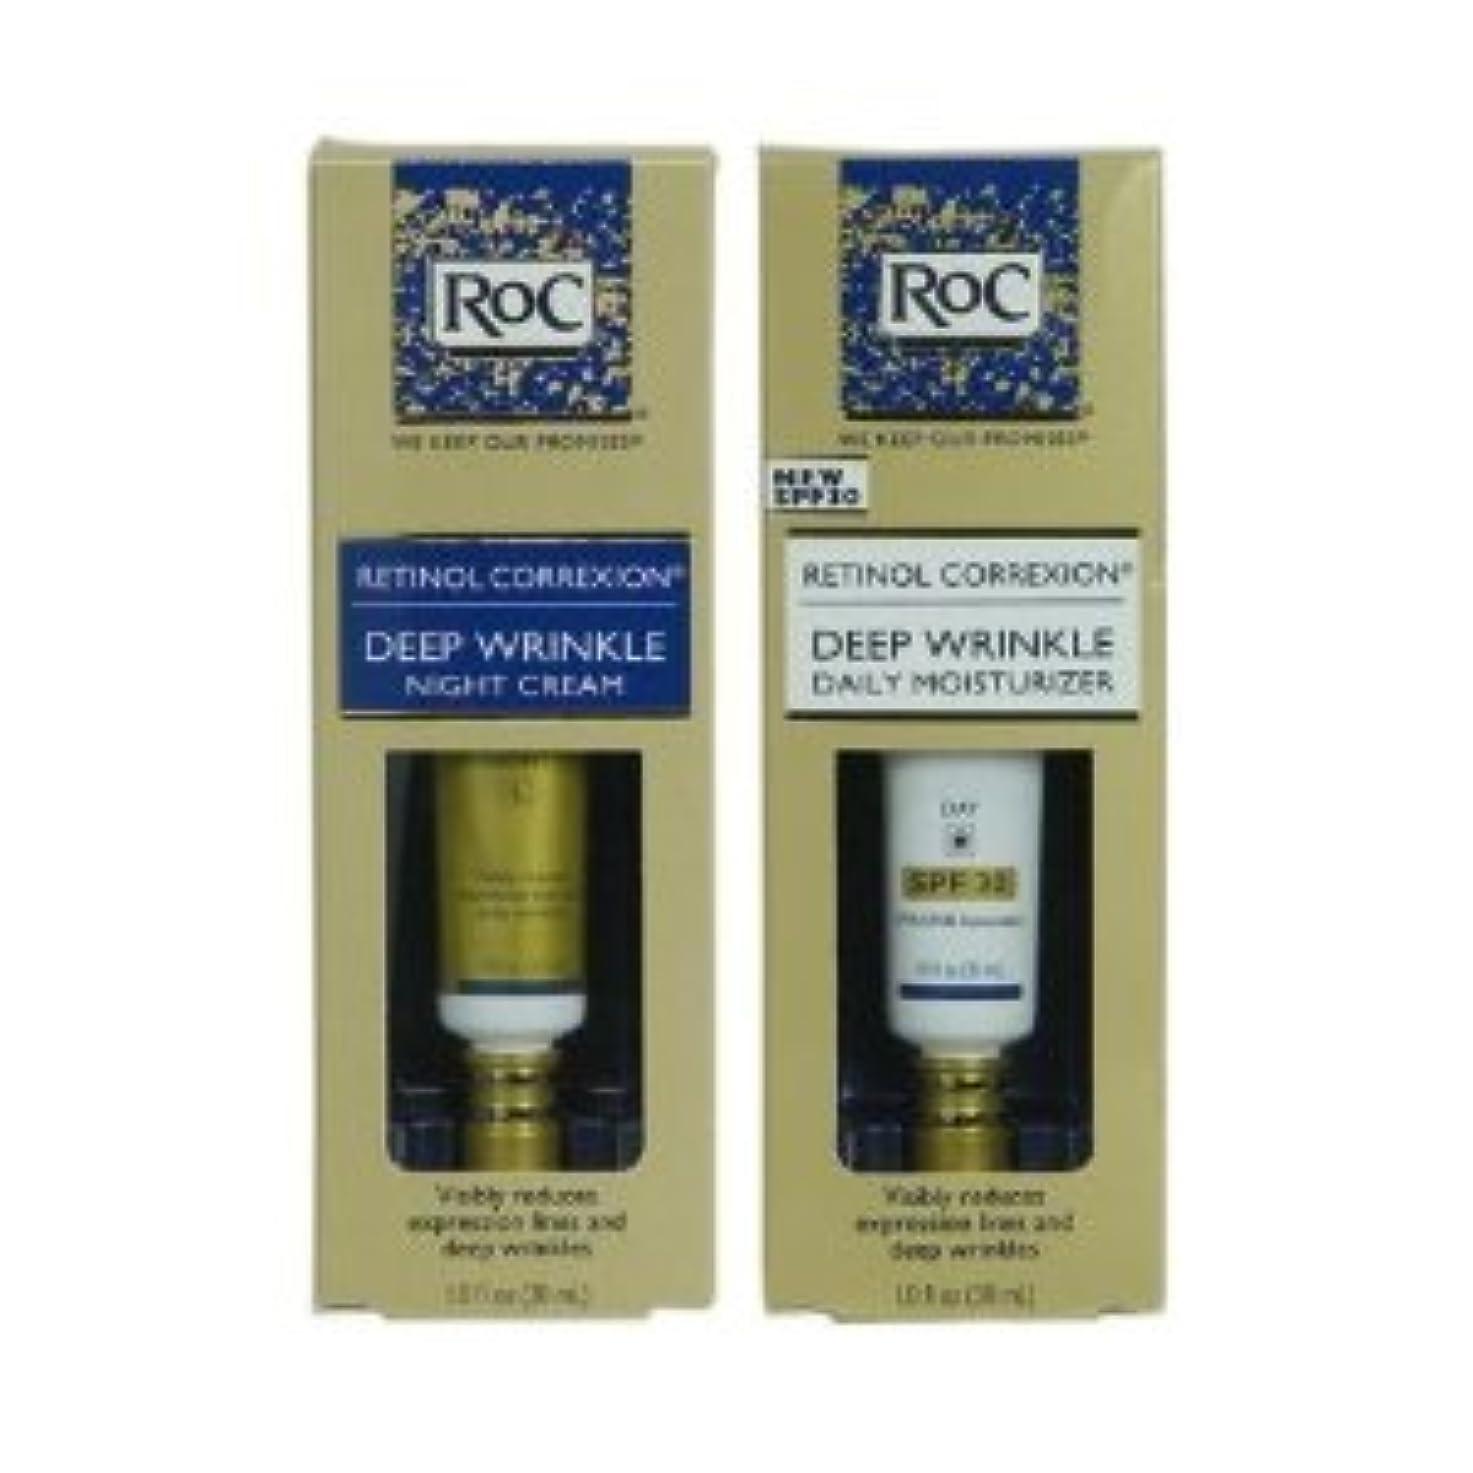 セッティングメイド請求RoC レチノール コレクション 2本セット (昼+夜セット) フランス製 RoC Retinol Correxion Deep Wrinkle Day/Night set